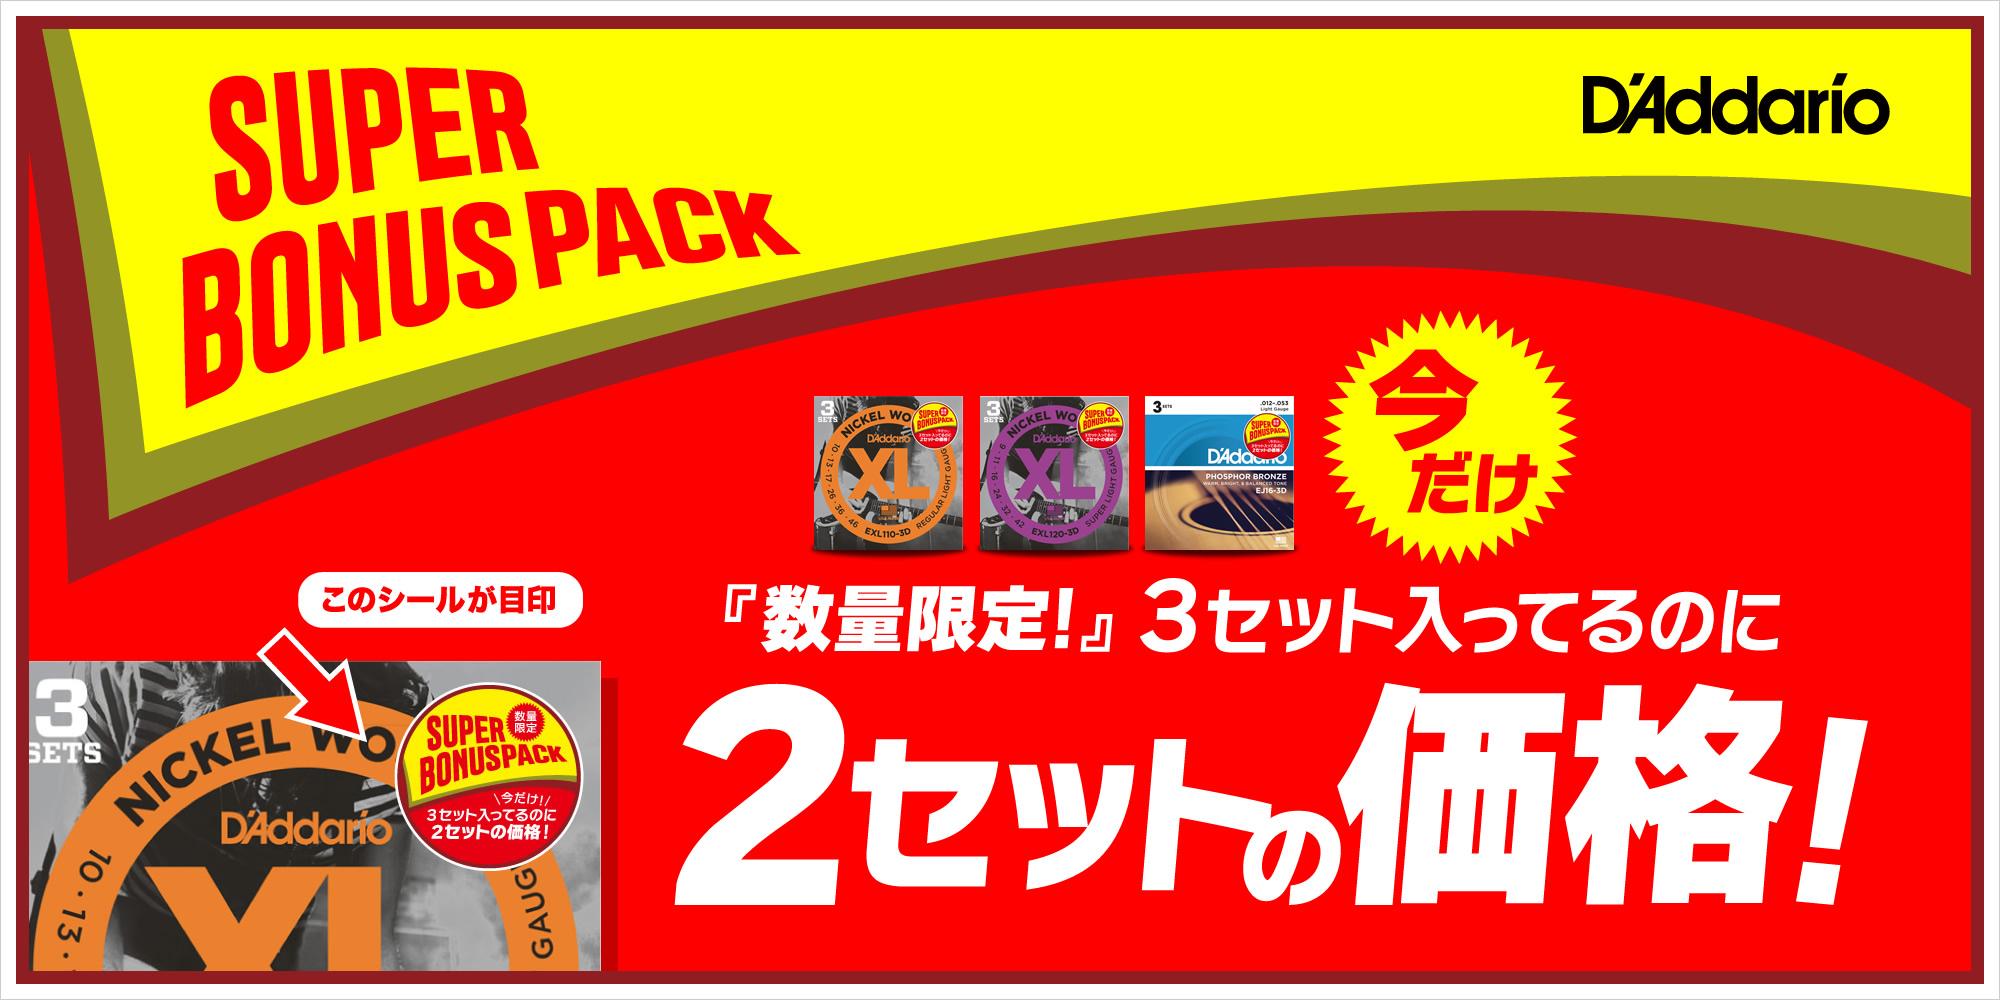 D'Addario 3Dパック Super Bonus Pack 限定販売のお知らせ。